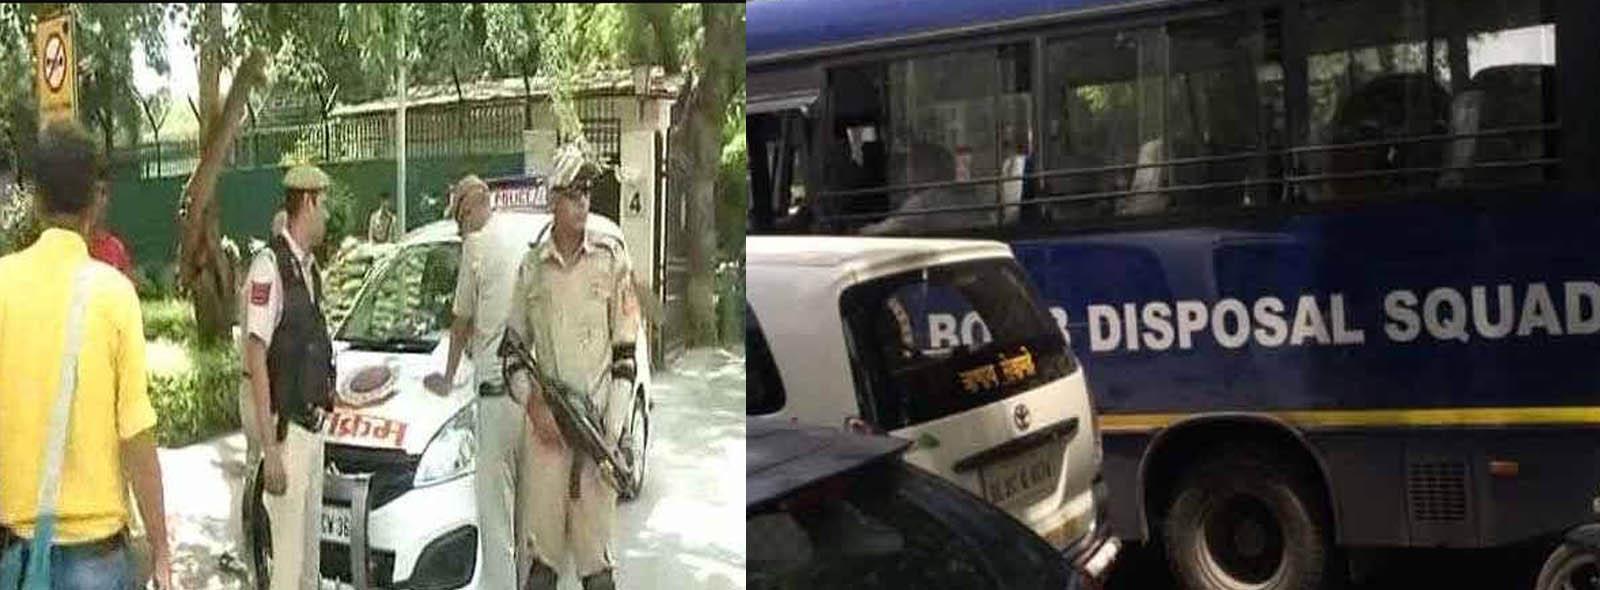 Rumor, Bomb, High Court, Bomb Squad, Security, Delhi